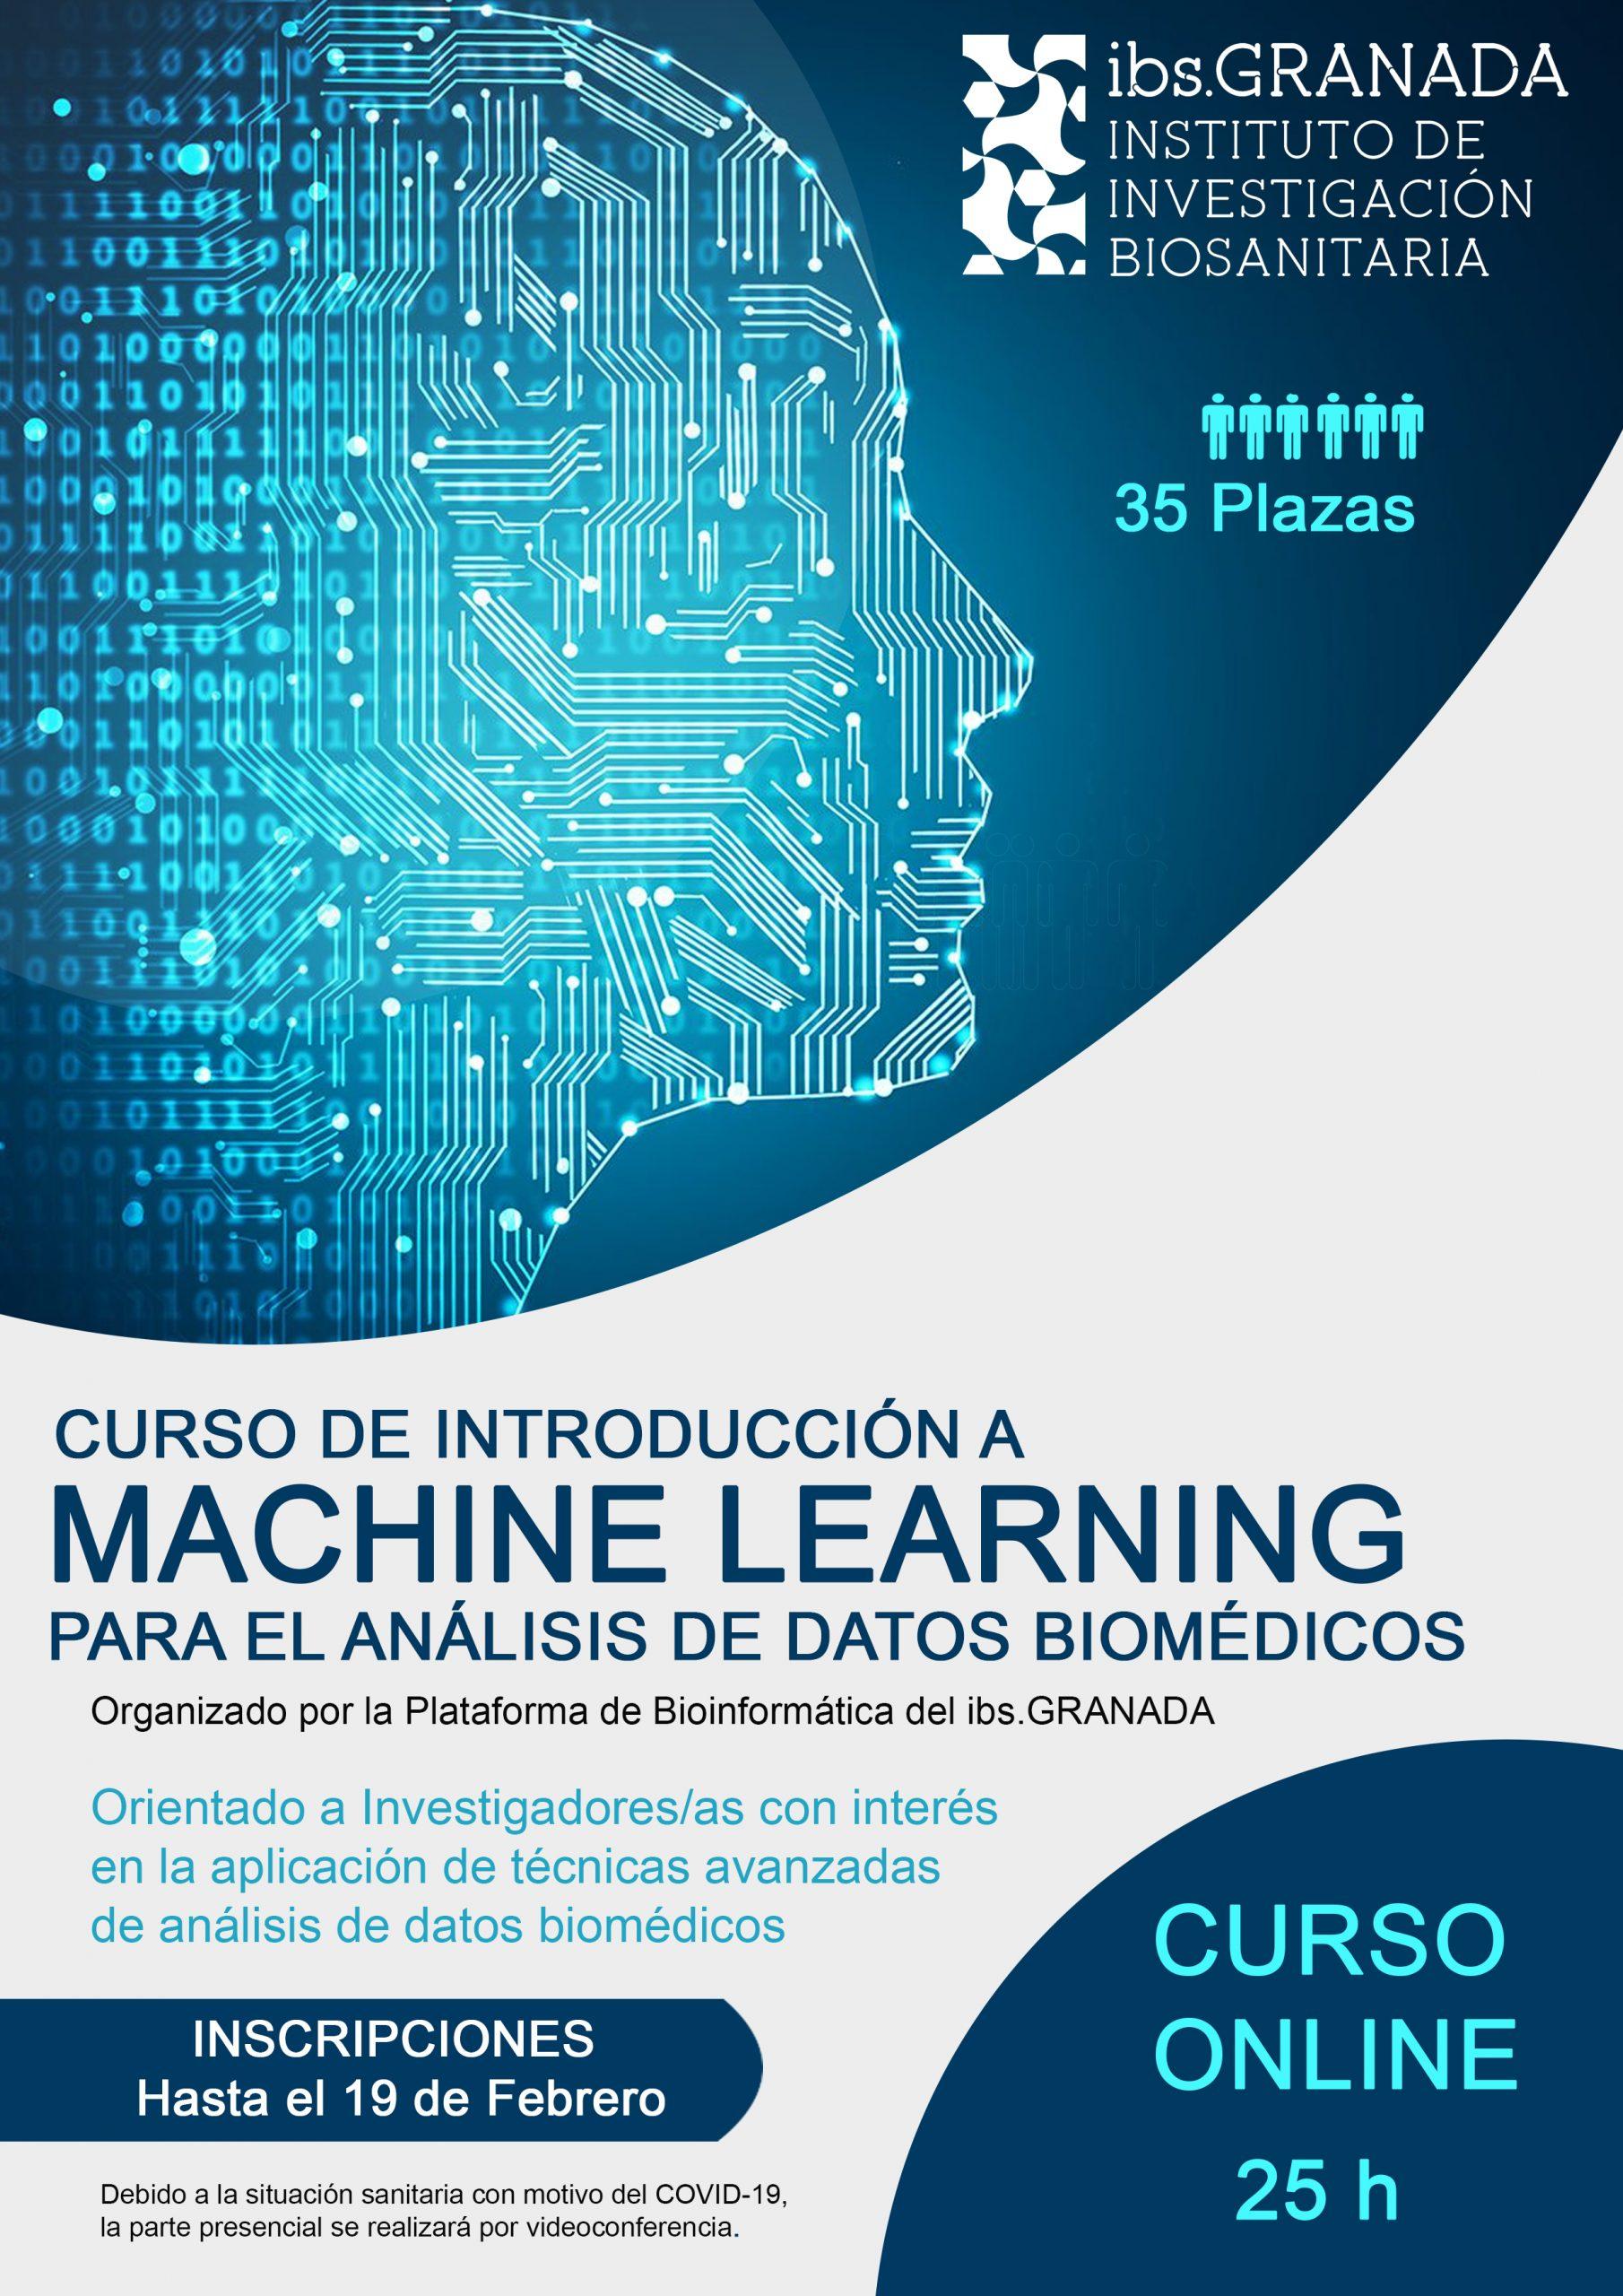 II Edición del Curso: Introducción a Machine Learning para el análisis de datos biomédicos